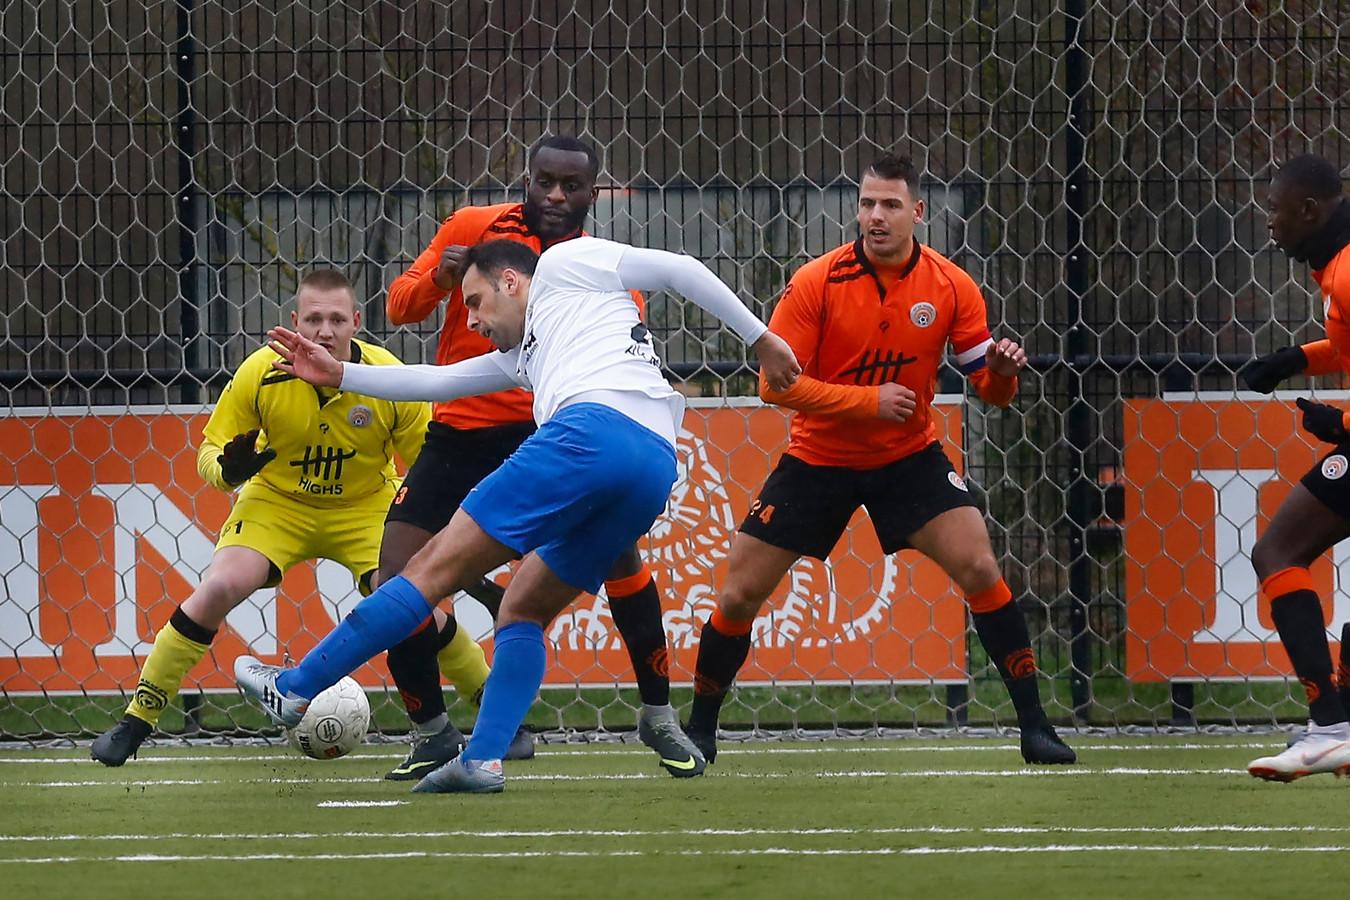 De selectie van De Meern, hier vorig seizoen in actie tegen Leonidas, voetbalt per direct niet meer op zondag.